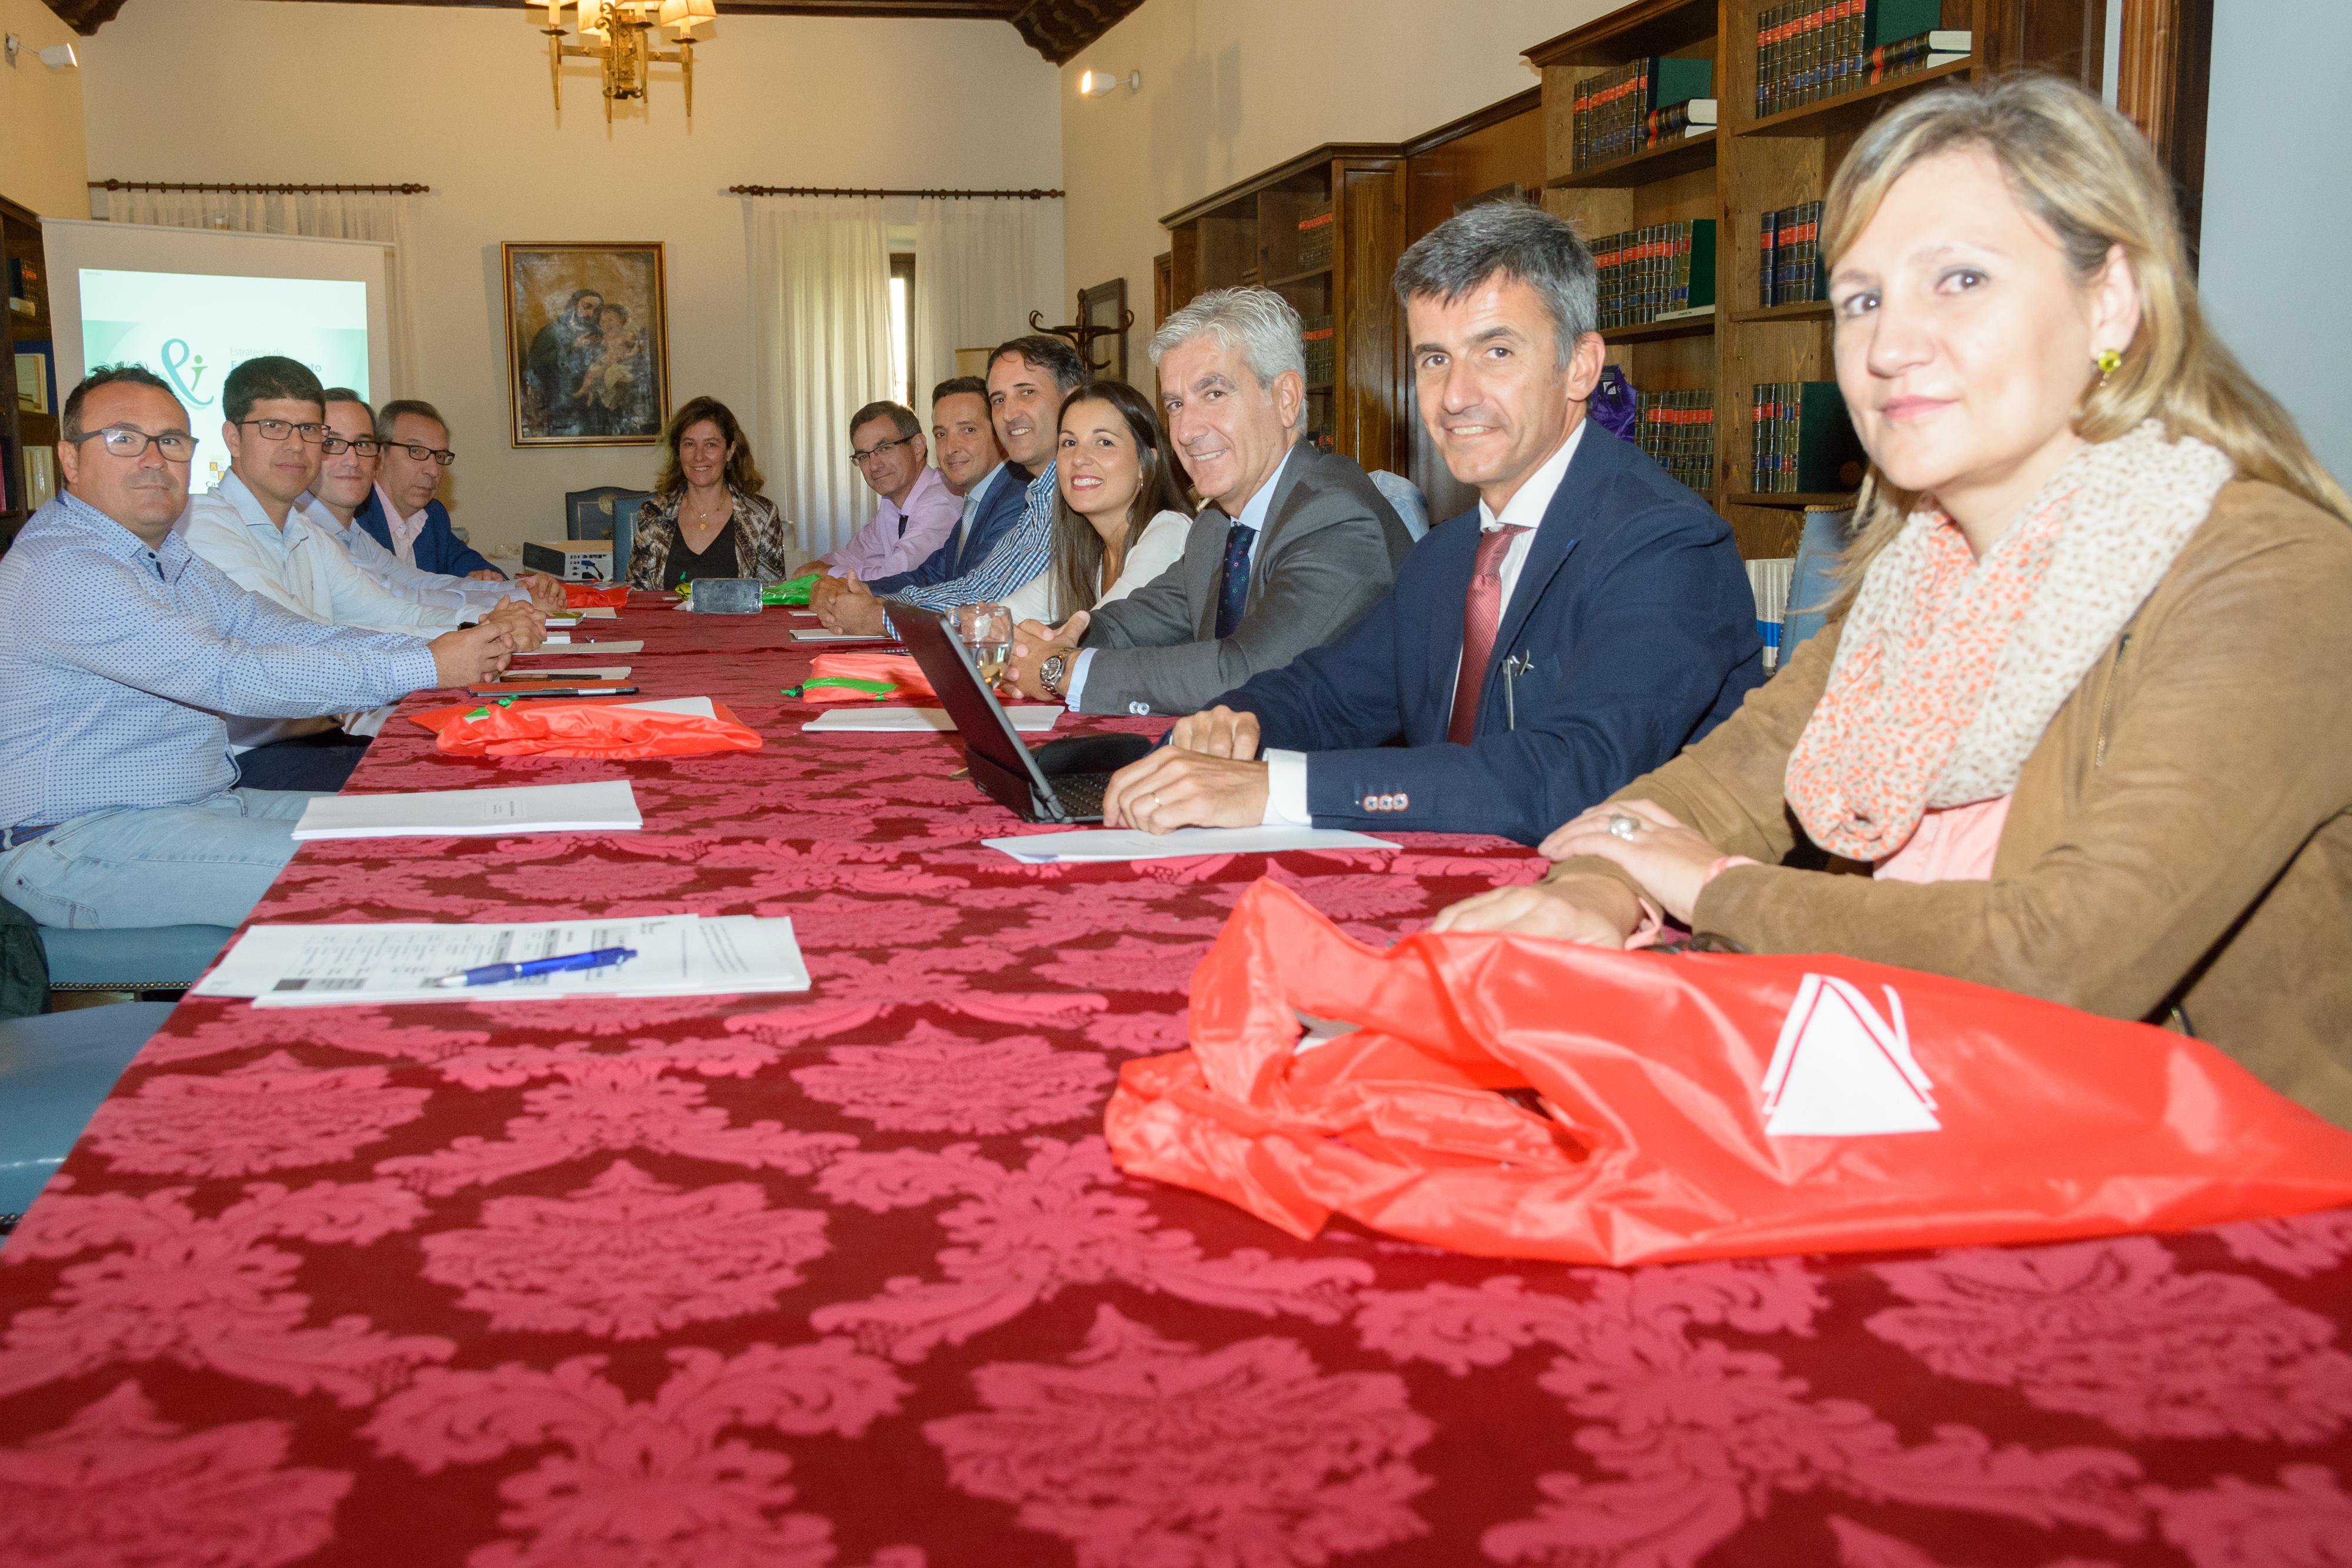 Constituido el grupo de trabajo de Emprendimiento y Autónomos de la Junta de Castilla y León